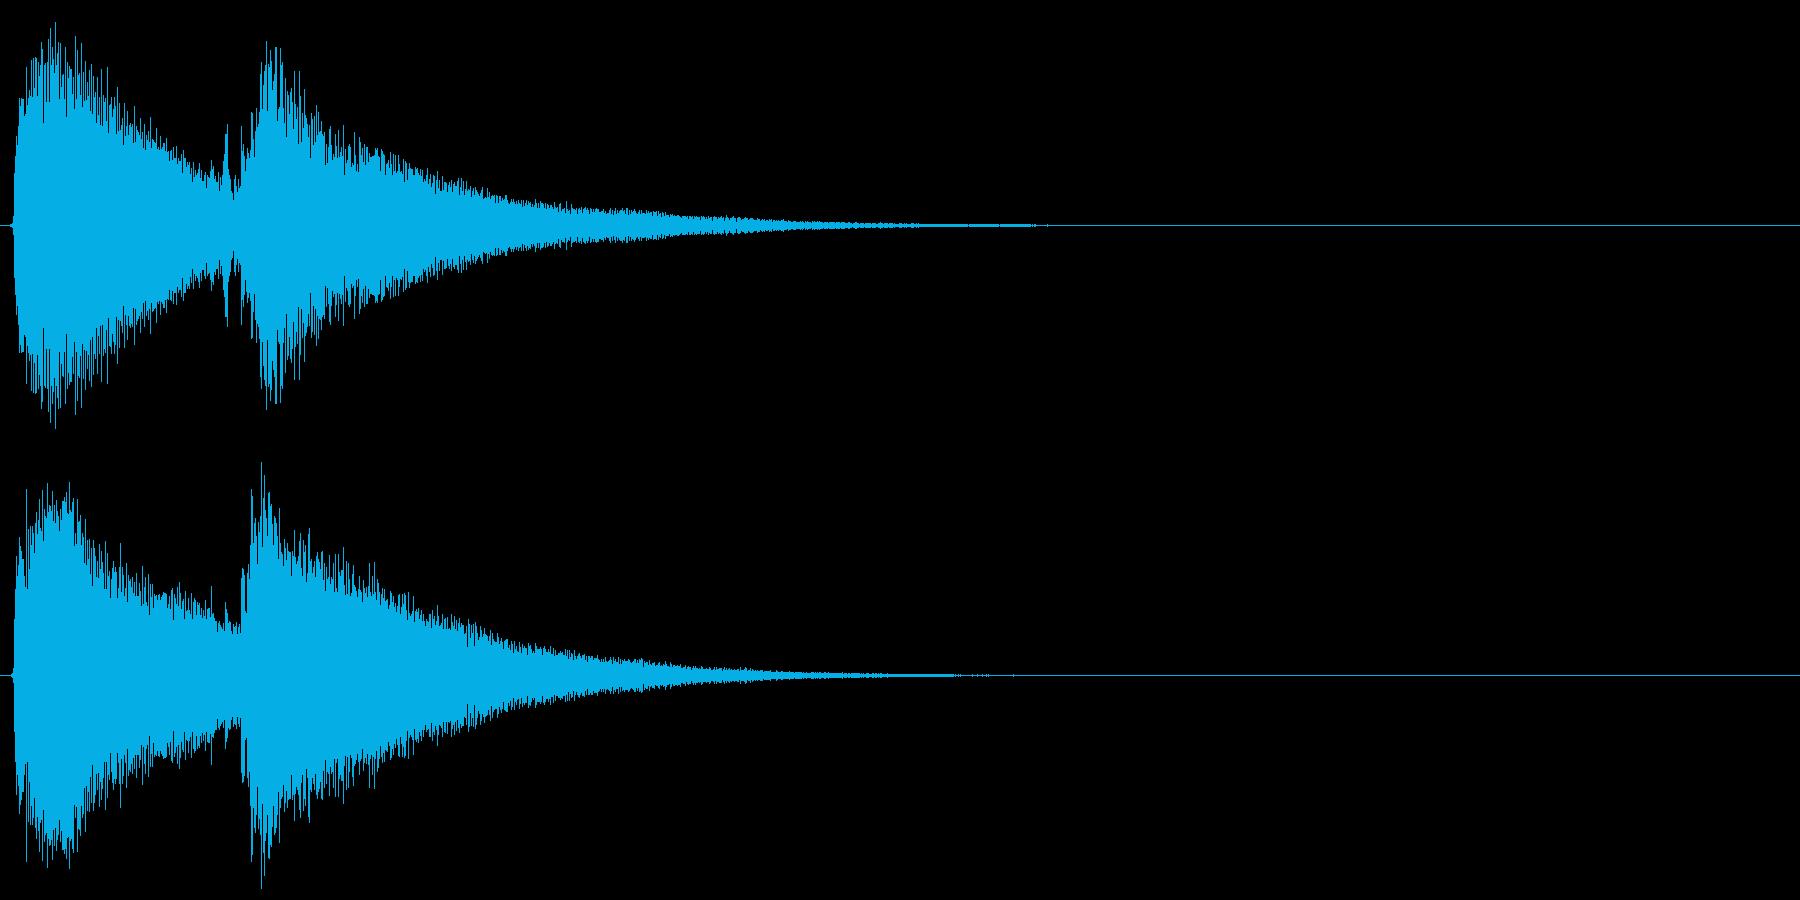 【効果音】サウナ用のギター:ととのい3の再生済みの波形